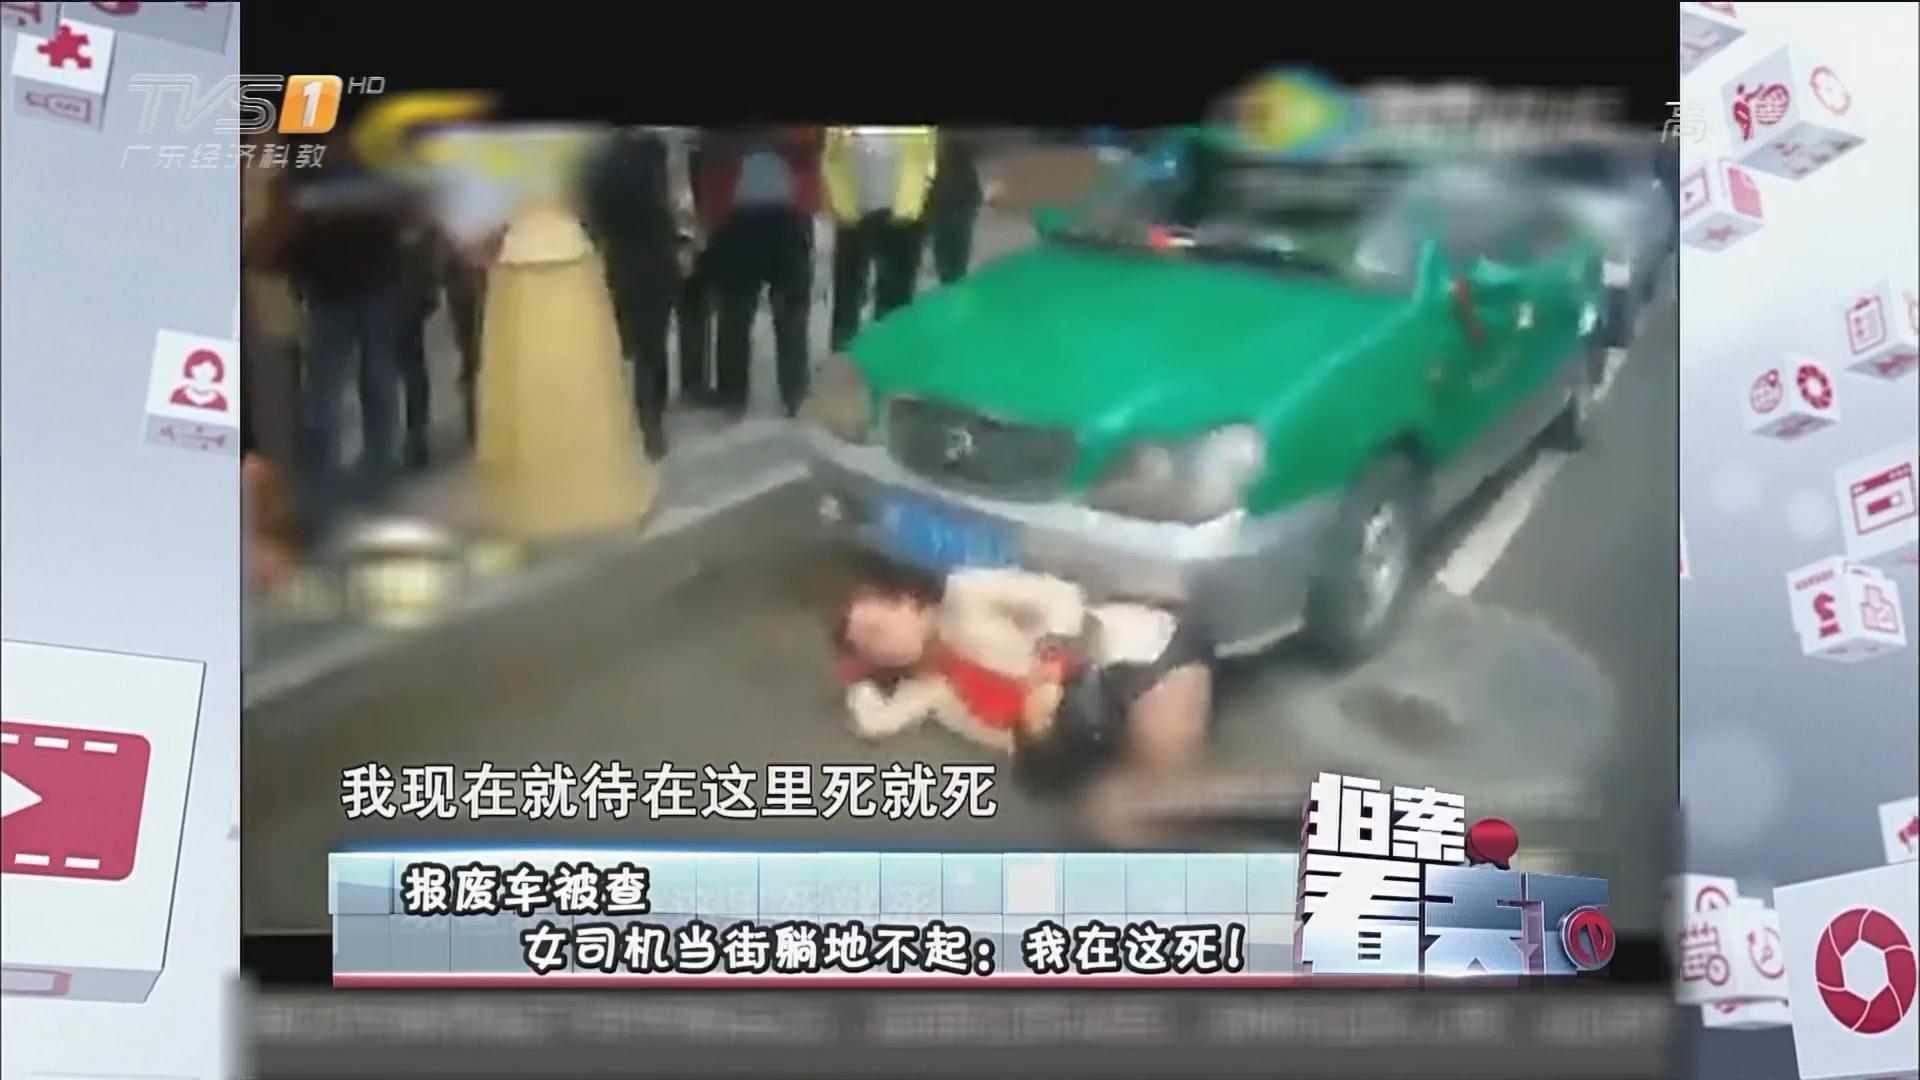 报废车被查 女司机当街躺地不起:我在这死!